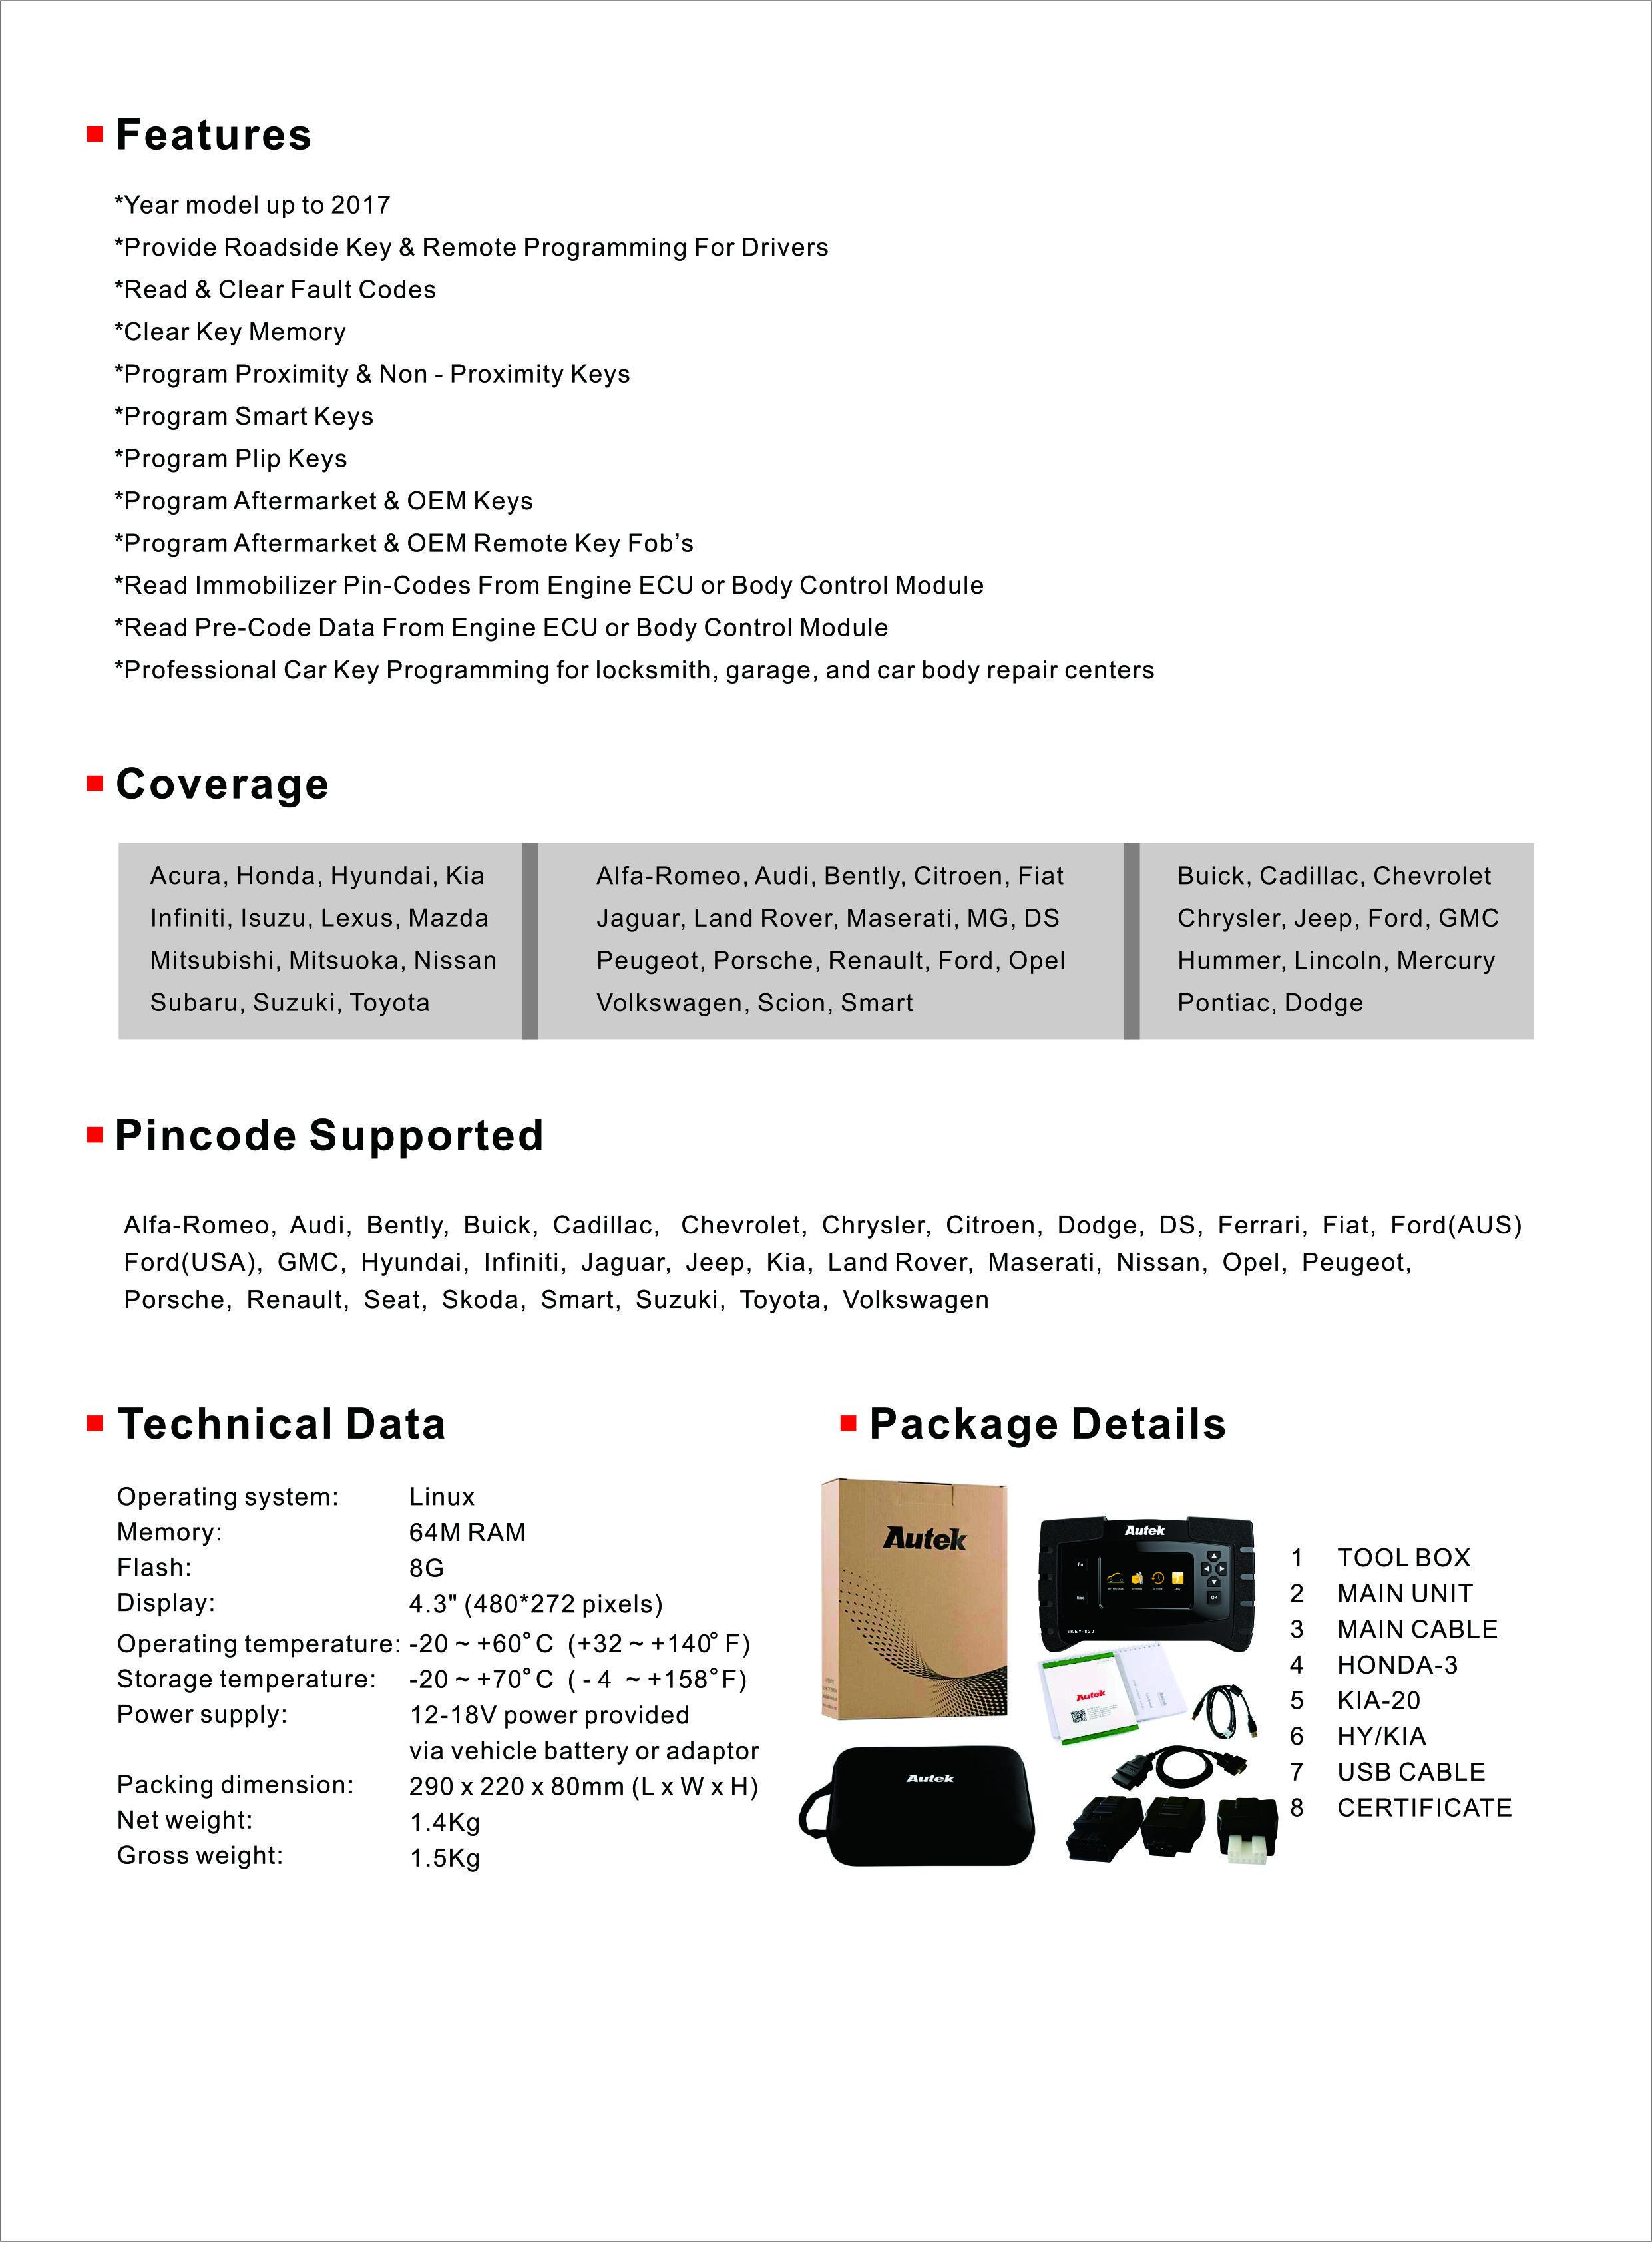 Autek IKey820 Key Programmer - Original Brand Tool - Autol